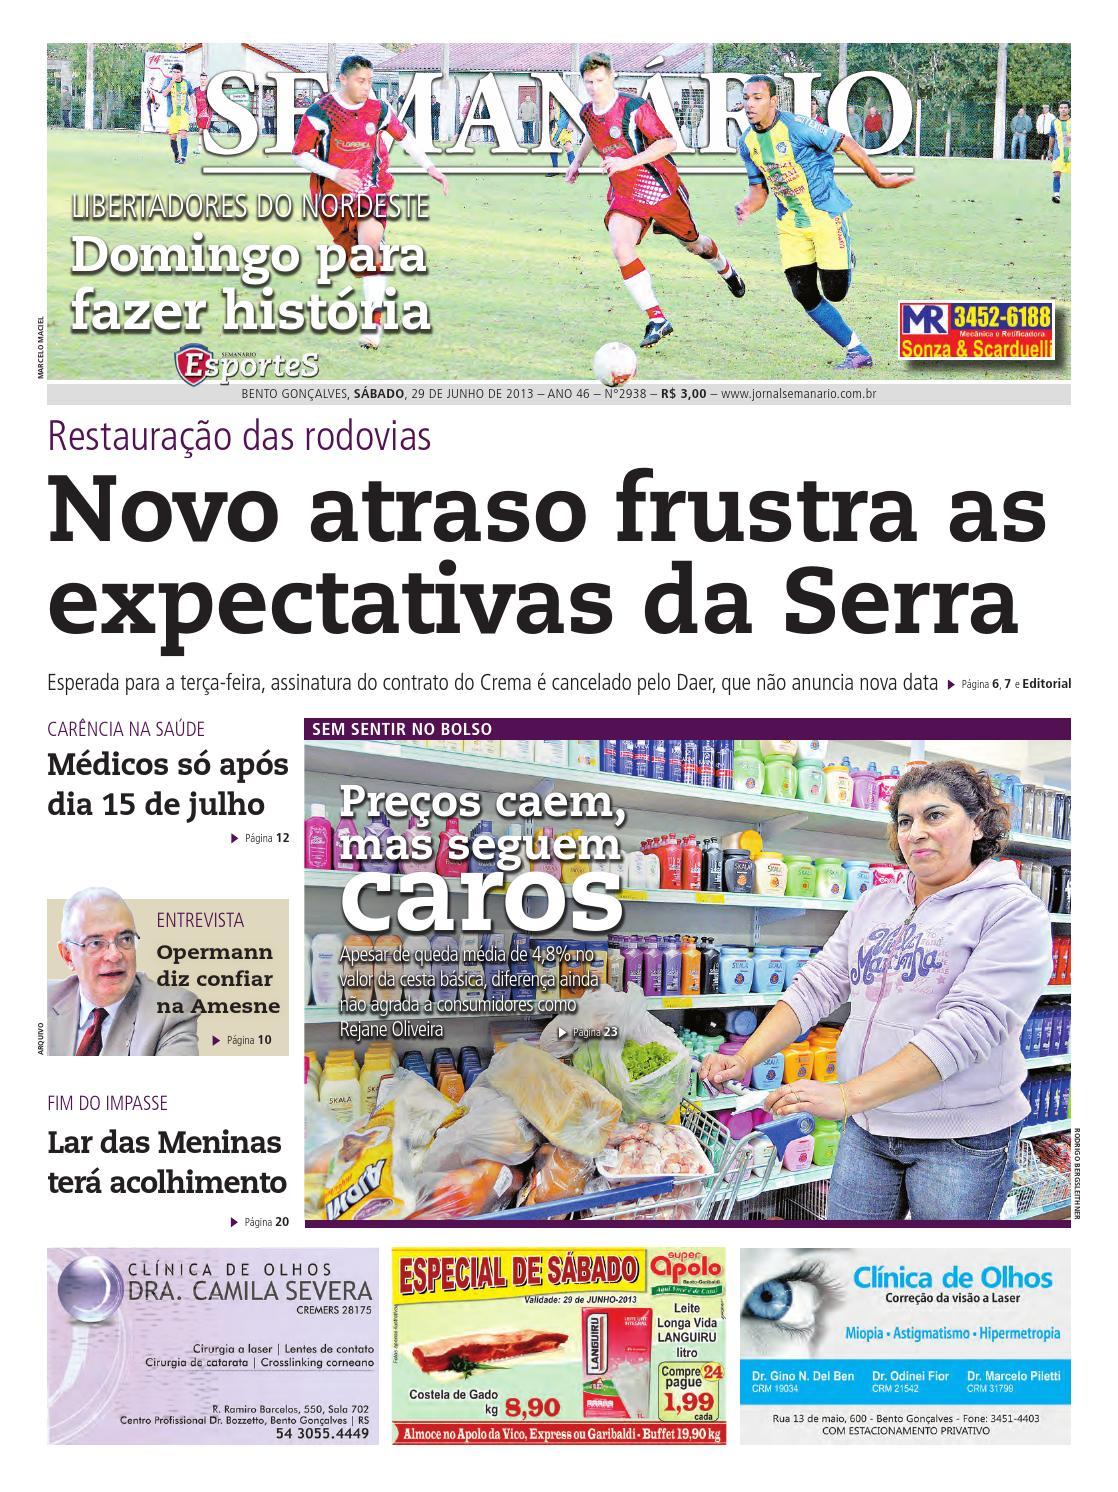 29 06 2013 - Jornal Semanário - Edição 2938 by Jornal Semanário - Bento  Gonçalves - RS - issuu e4a398ef580b6